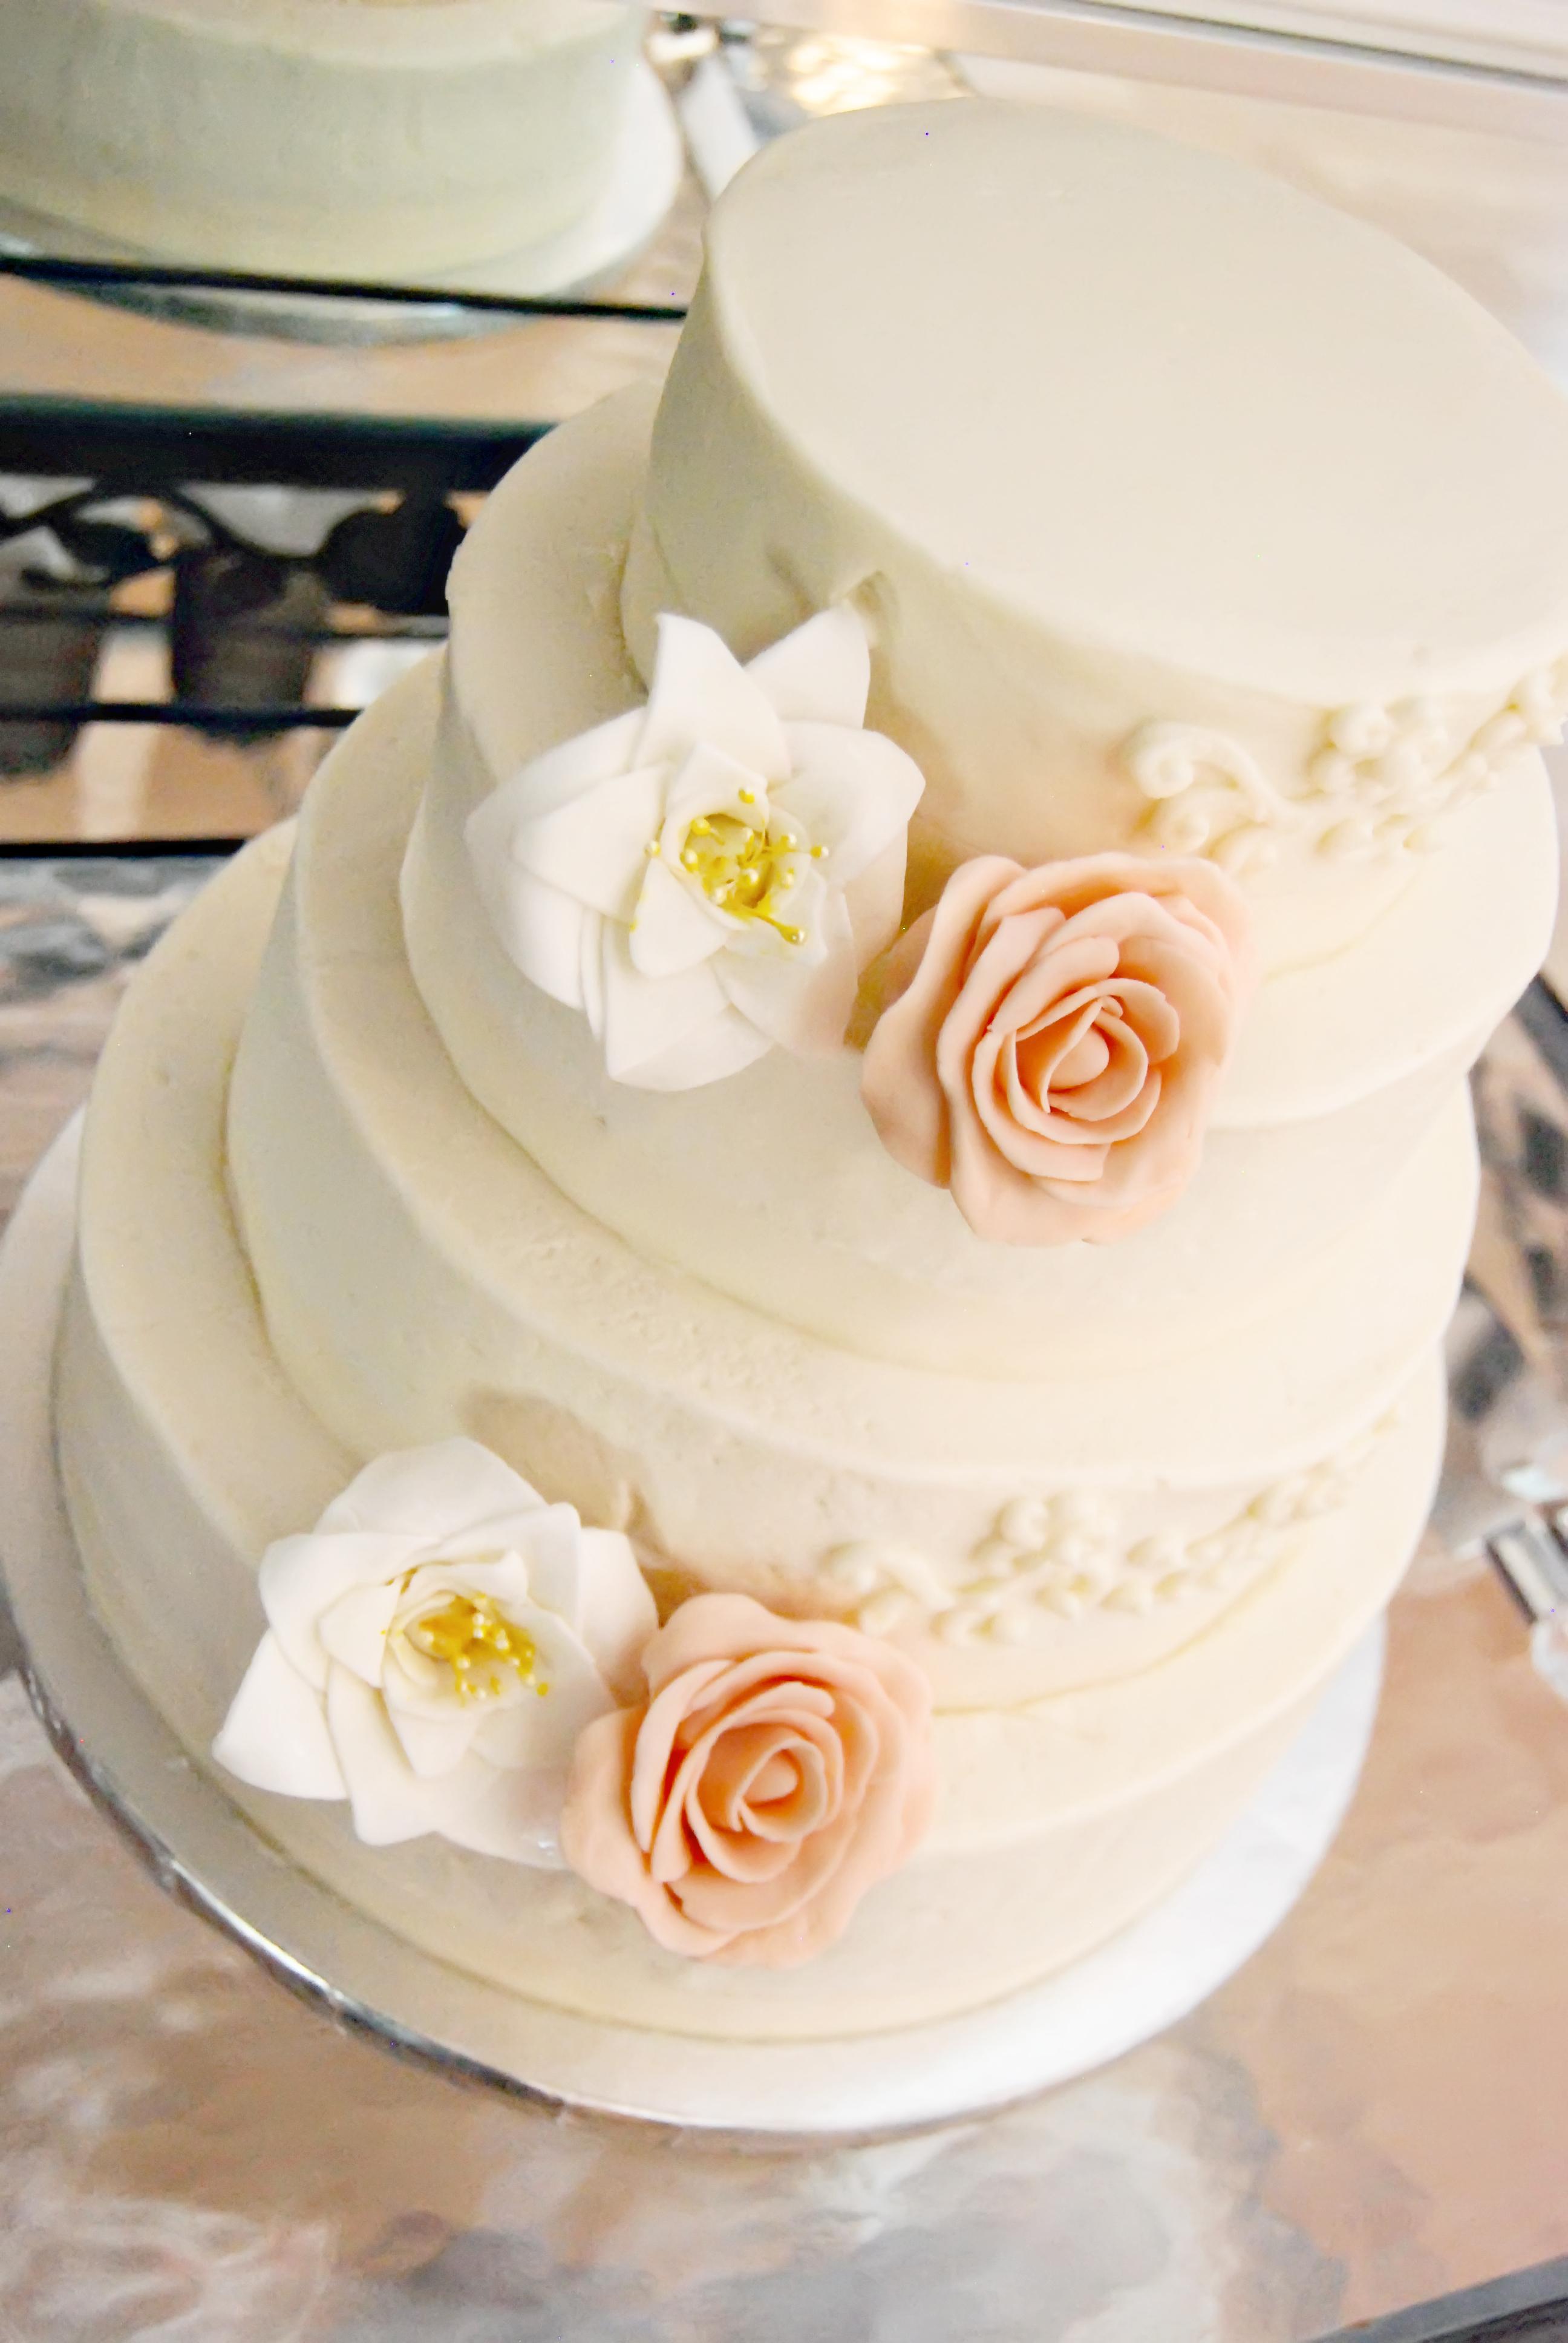 Bakery Stores Sells Red Velvet Cake